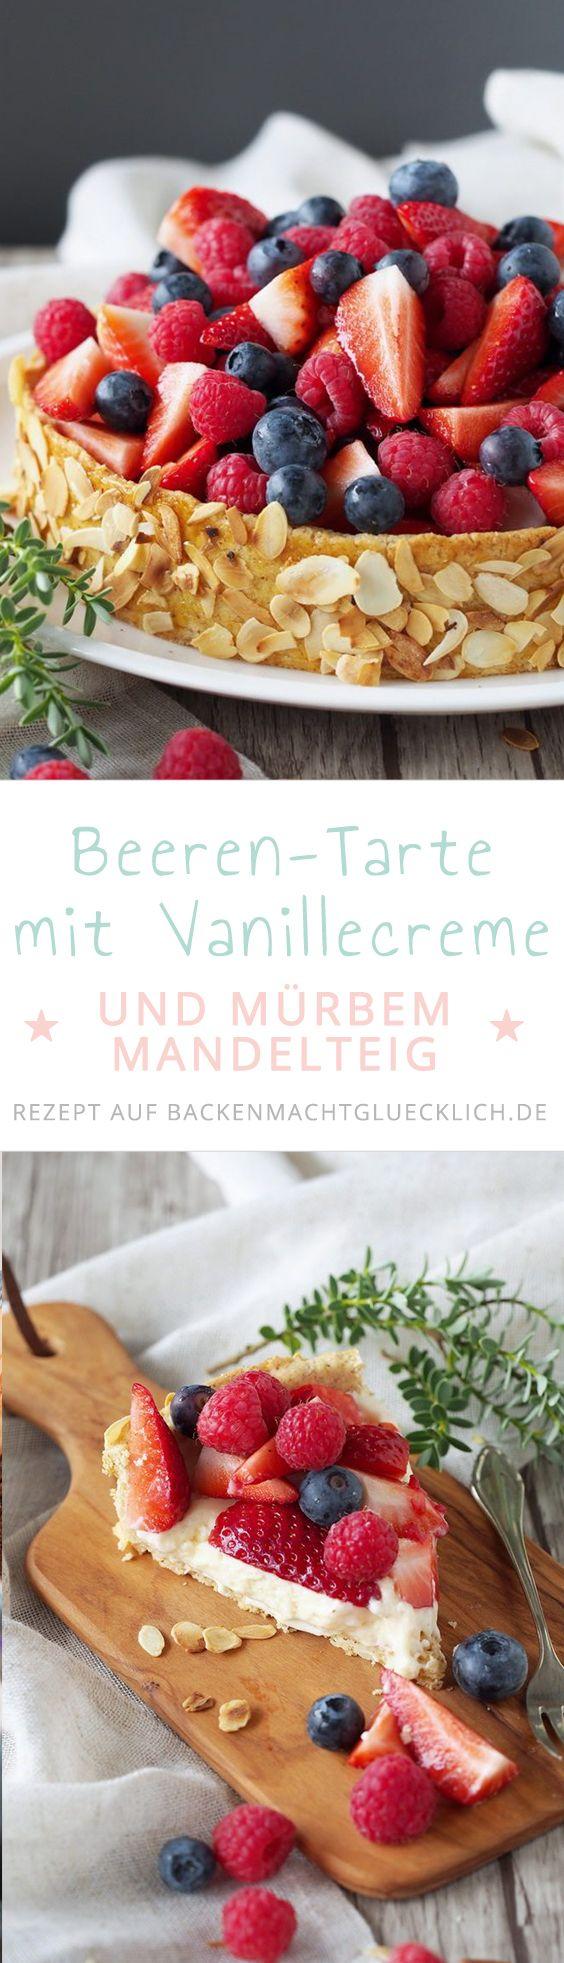 Beeren-Tarte mit Vanillemouse und Mandel-Mürbteig: Diese köstliche Mandeltarte ist ein toller Sommerkuchen für alle, die frische Beeren lieben! (Best Food)